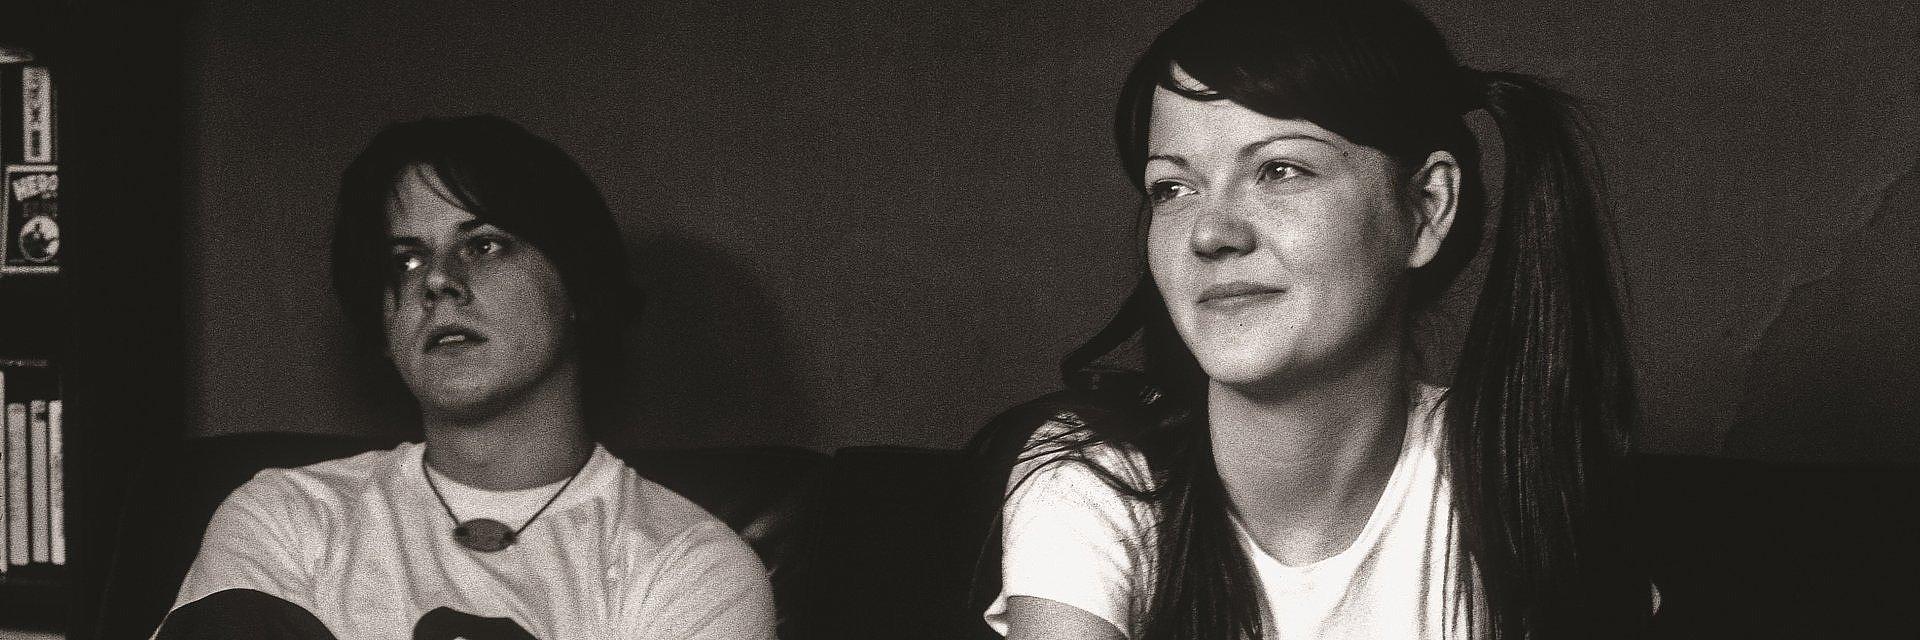 """""""Seven Nation Army (The Glitch Mob Remix)"""" od The White Stripes już na winylowym singlu"""